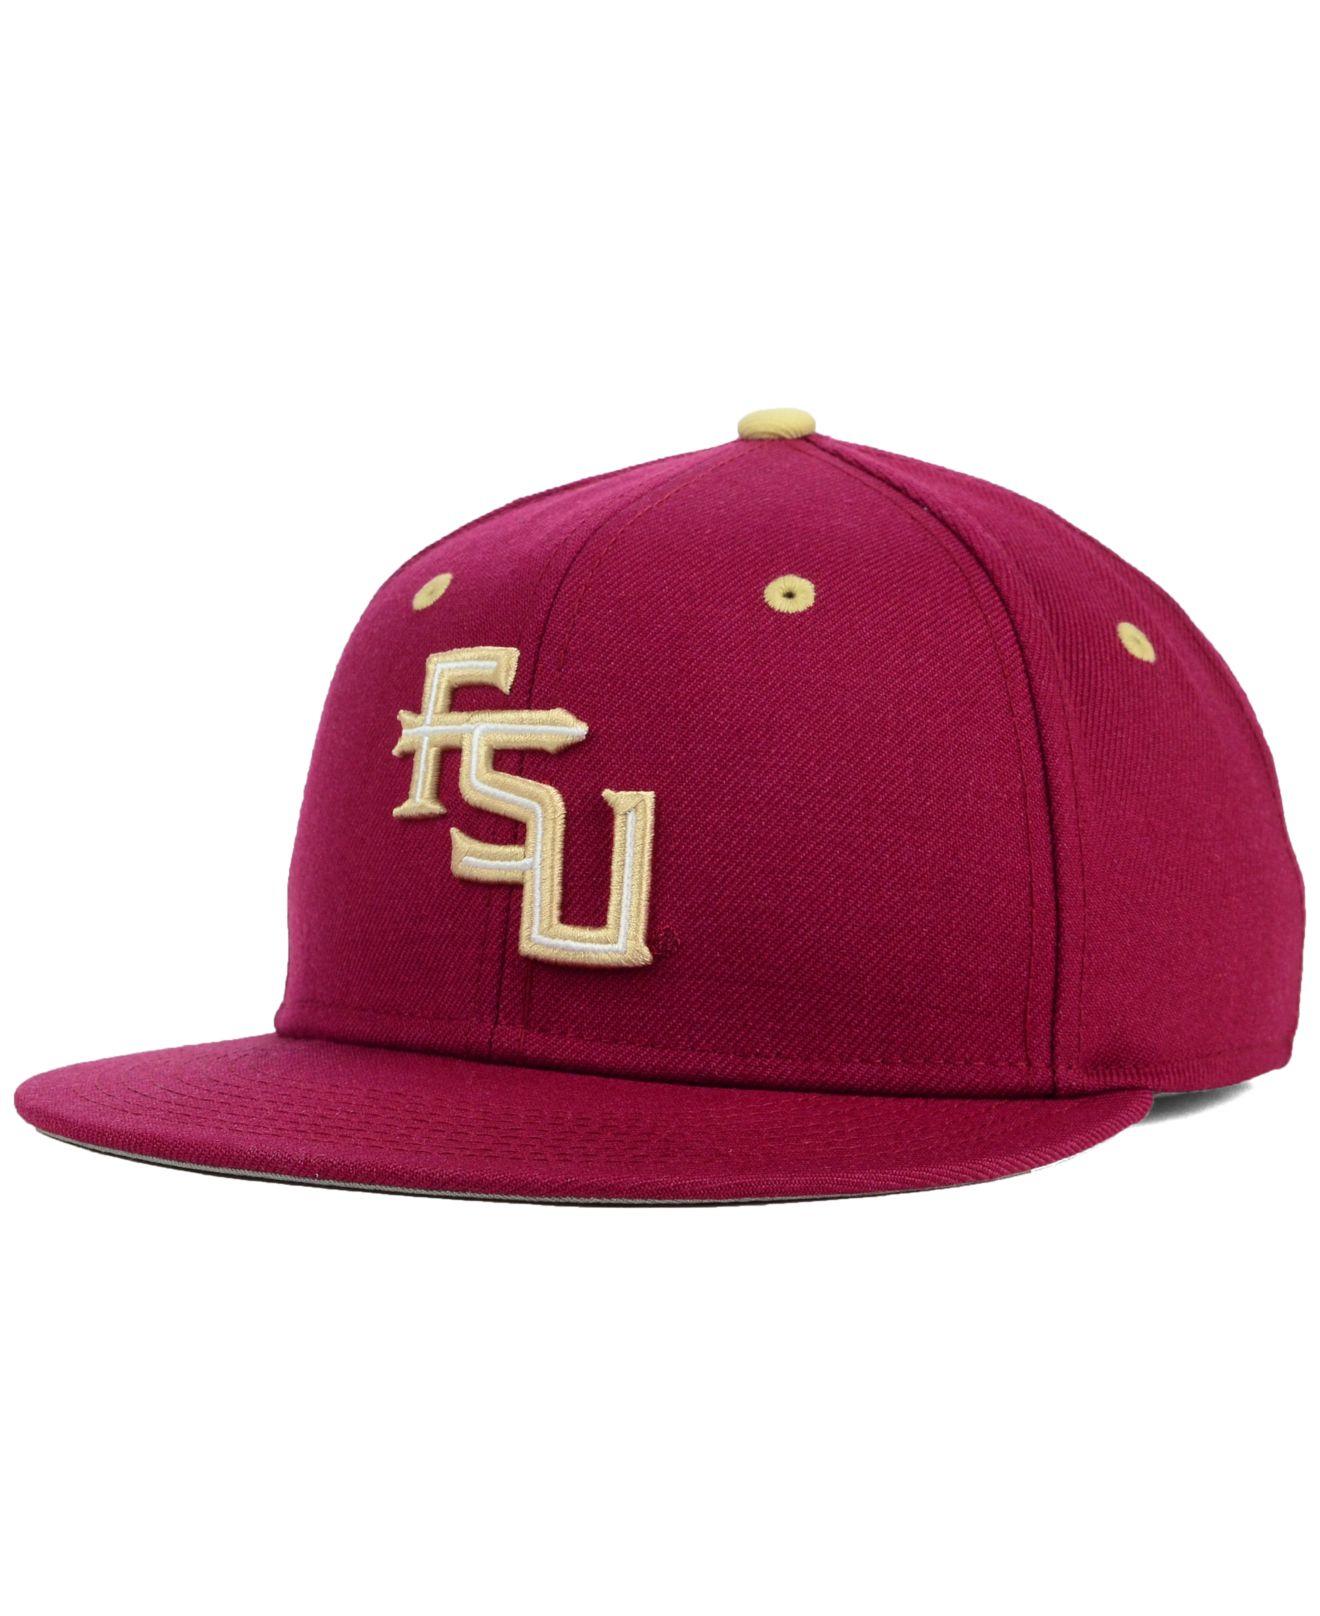 de05a82a04e ... ebay lyst nike florida state seminoles true college fitted cap in 50f55  3e685